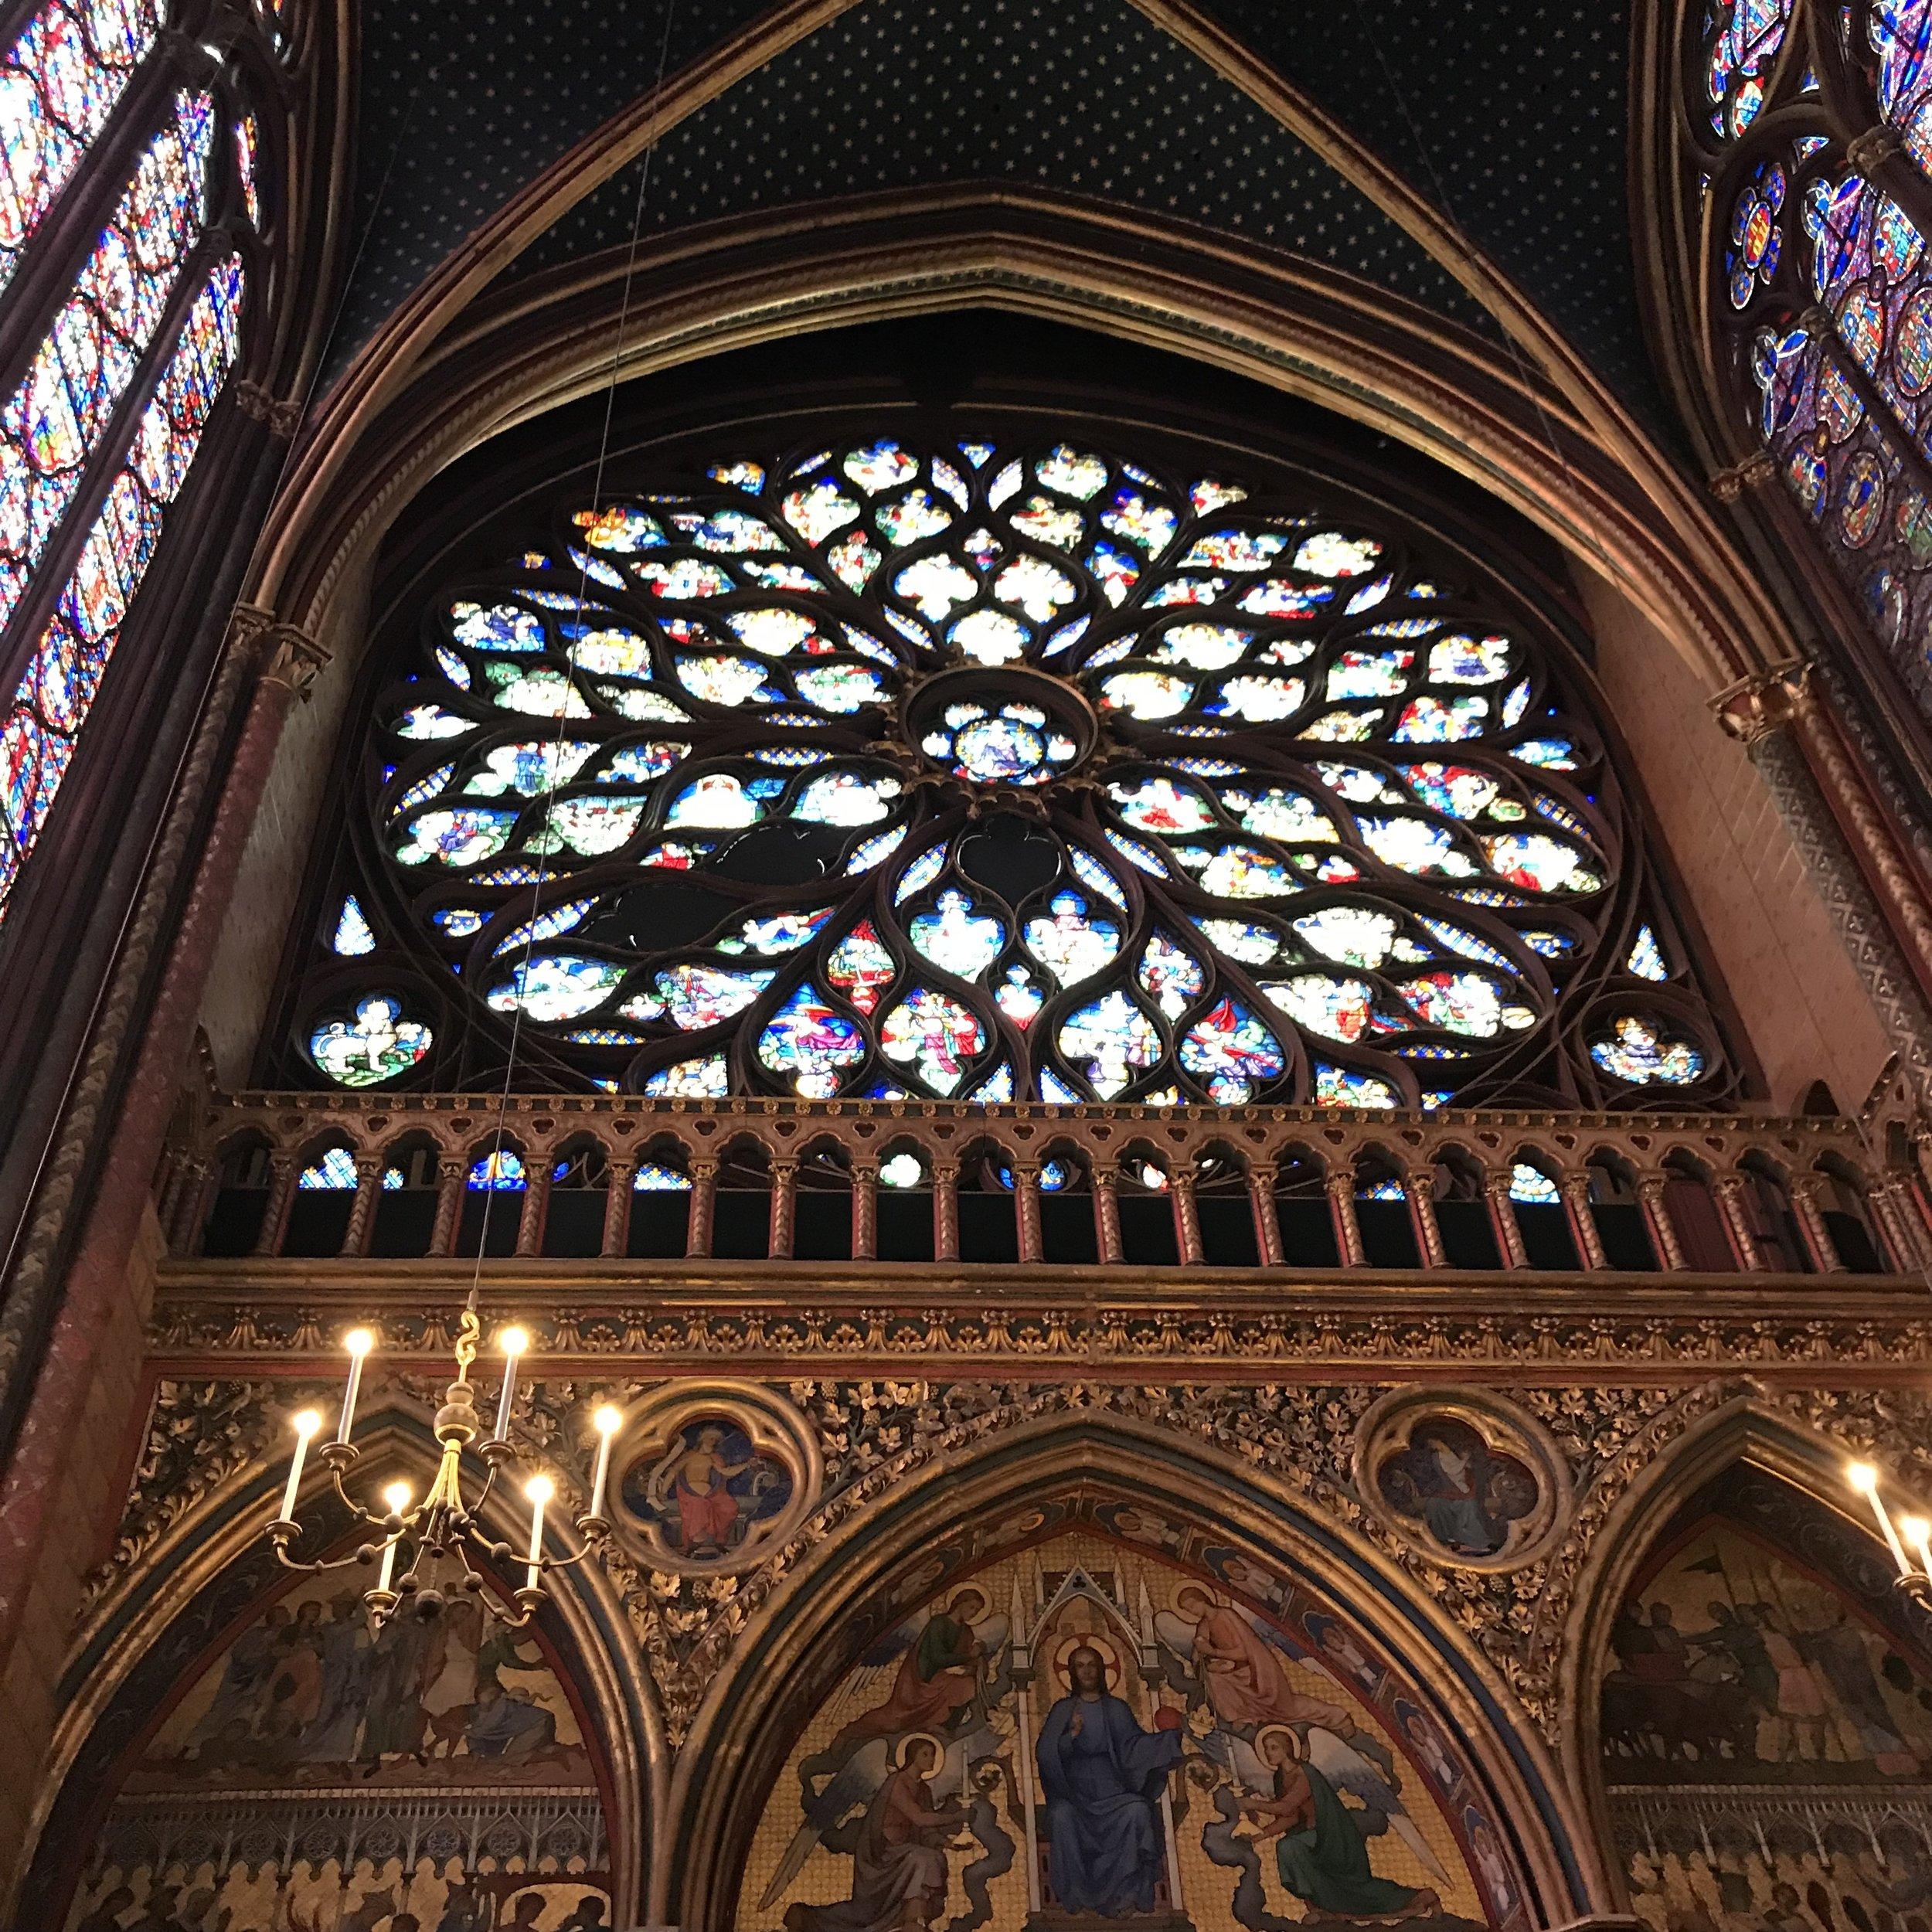 Sainte chapelle rotunda.jpg